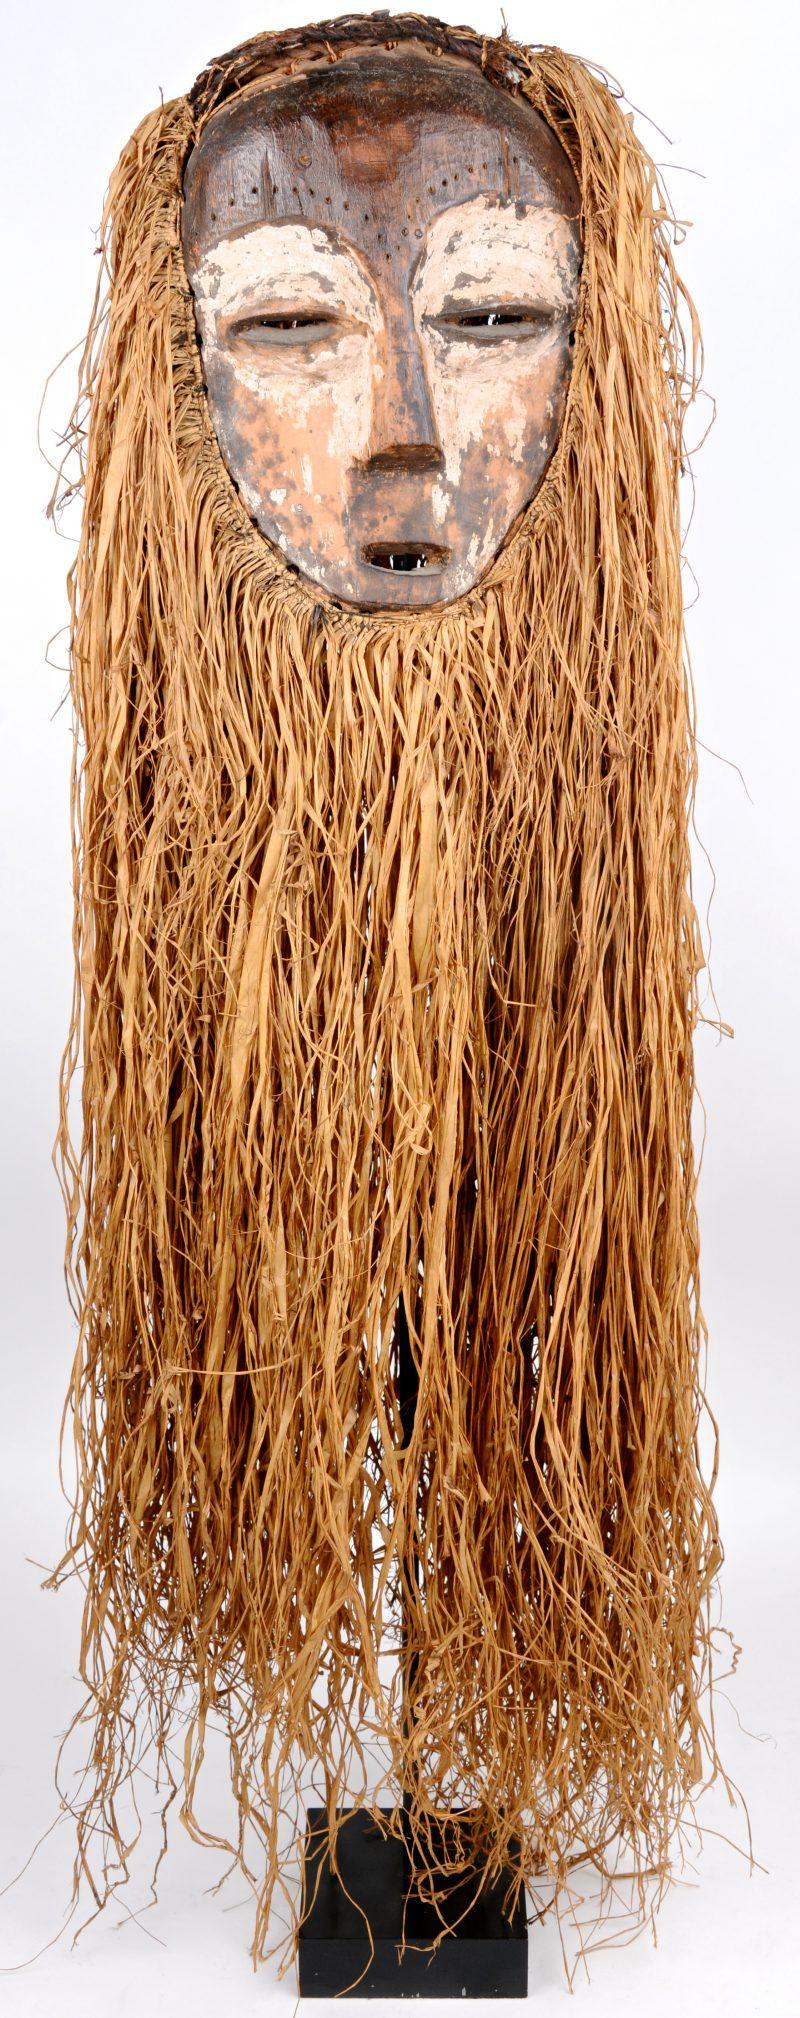 Een Afrikaans masker van hout en stro. Op metalen staander.